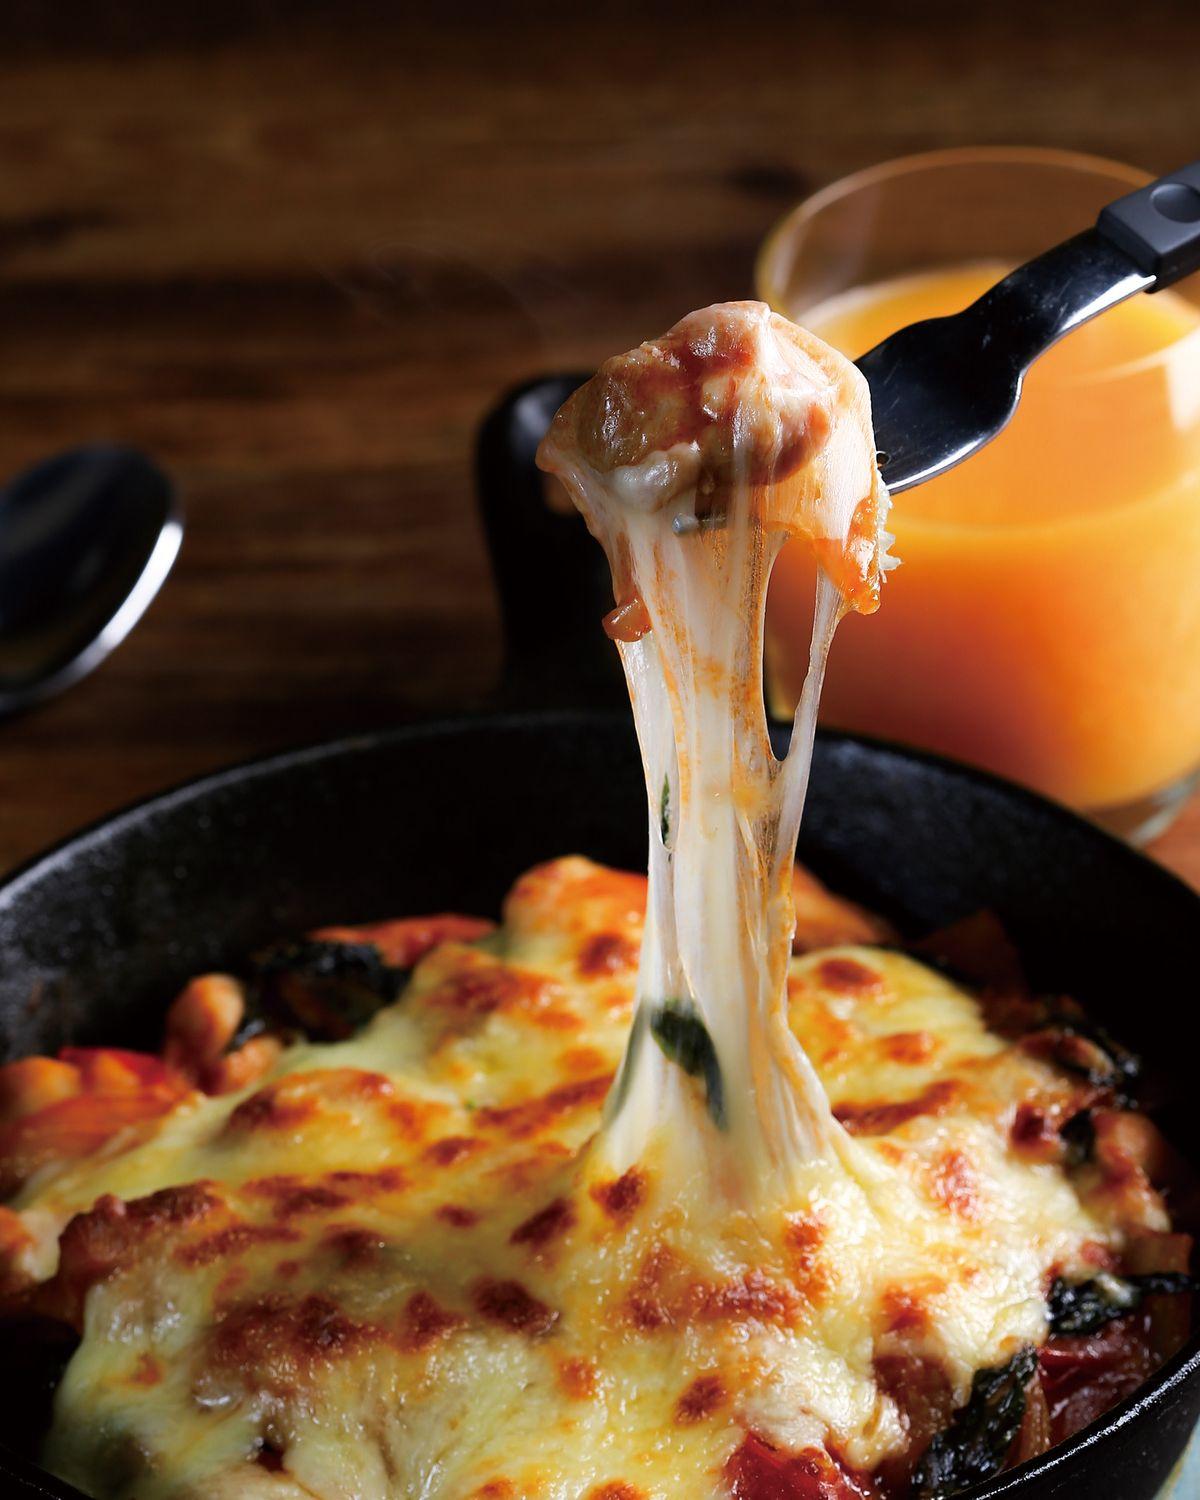 食譜:番茄羅勒焗雞塊